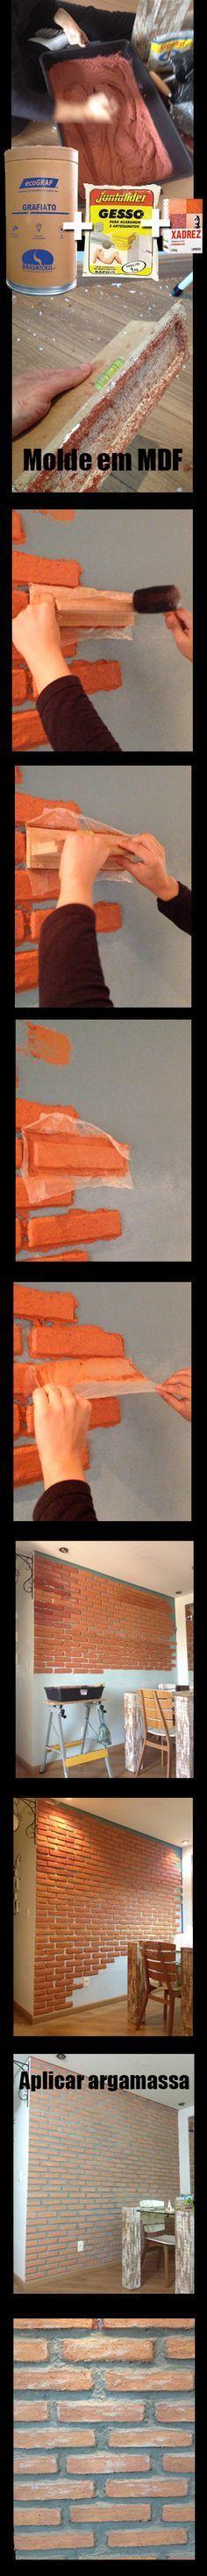 Parede de tijolo fácil de fazer/ False brick wall  Misturando grafiato, gesso, pó xadrez vermelho e amarelo e água, você ja tem a massa pronta. Faça um molde do tijolo em um MDF. Coloque um plástico no molde antes de colocar a massa, vá carimbando a parede, depois de colocar todos os tijolinhos preenha os espaços com argamassa cinza. Finalize com silicone para não soltar sujeira.